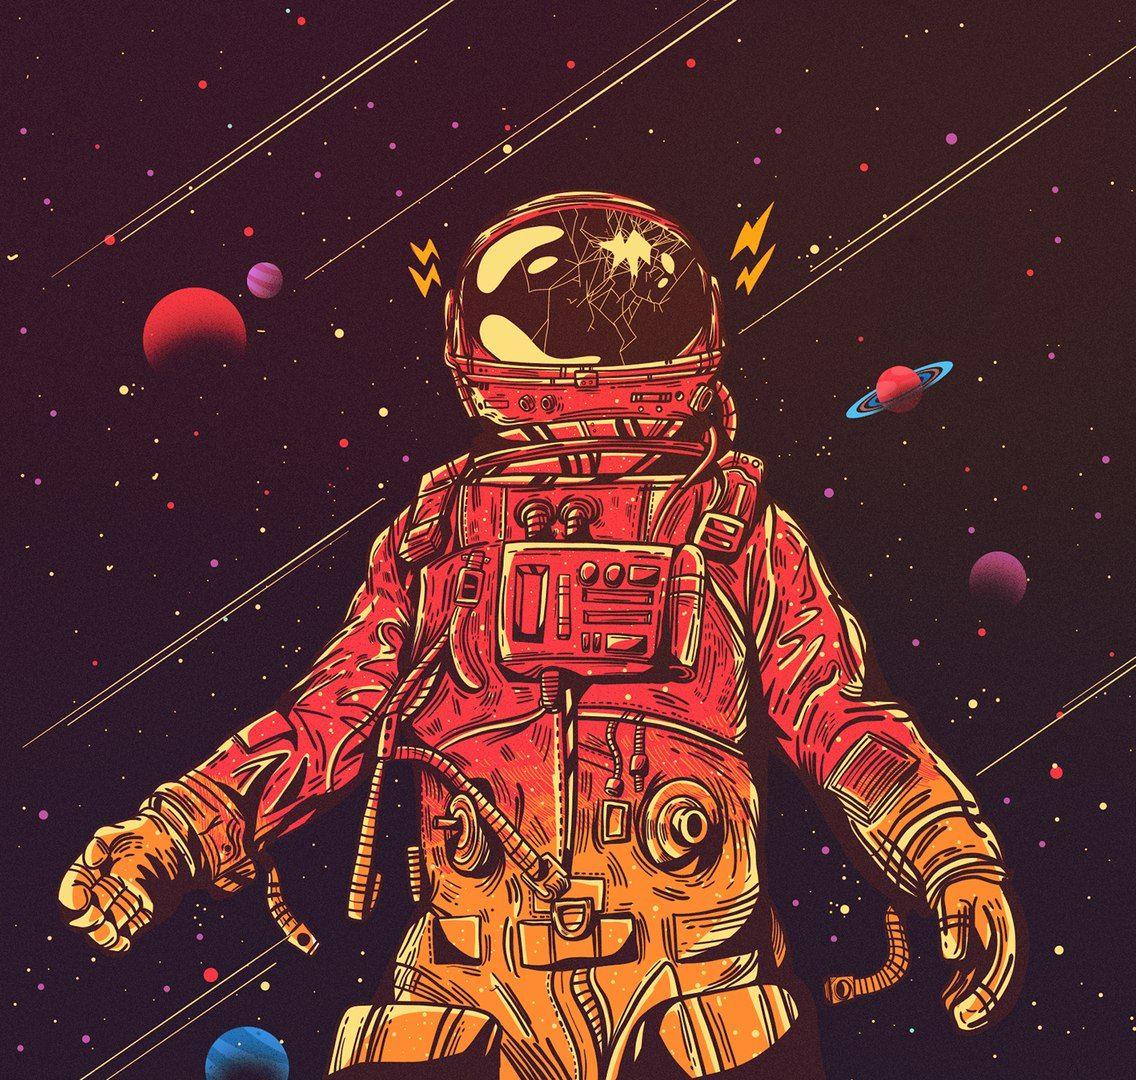 Космонавт крутые четкие картинки для логотипа, год